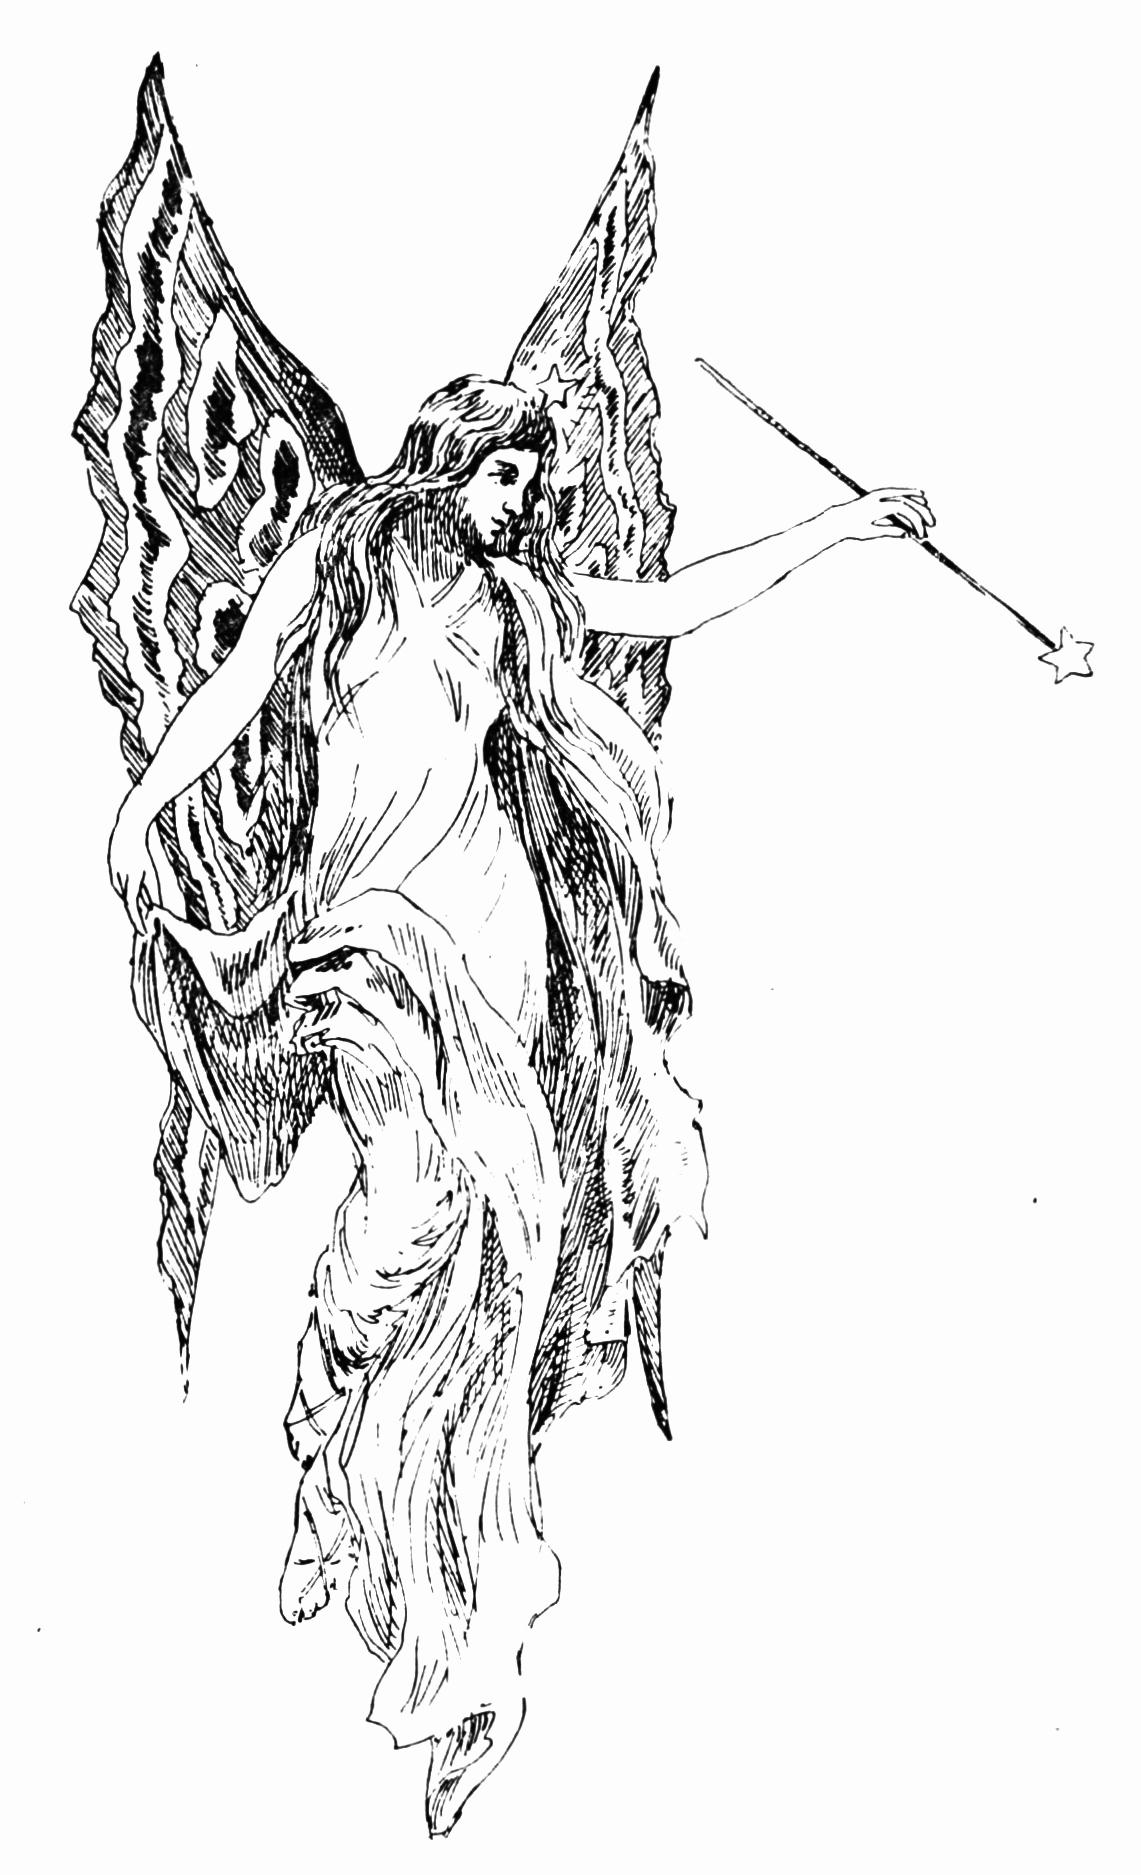 Black and White Illustration Lovely Vintage Fairy Illustration Clip Art the Graffical Muse